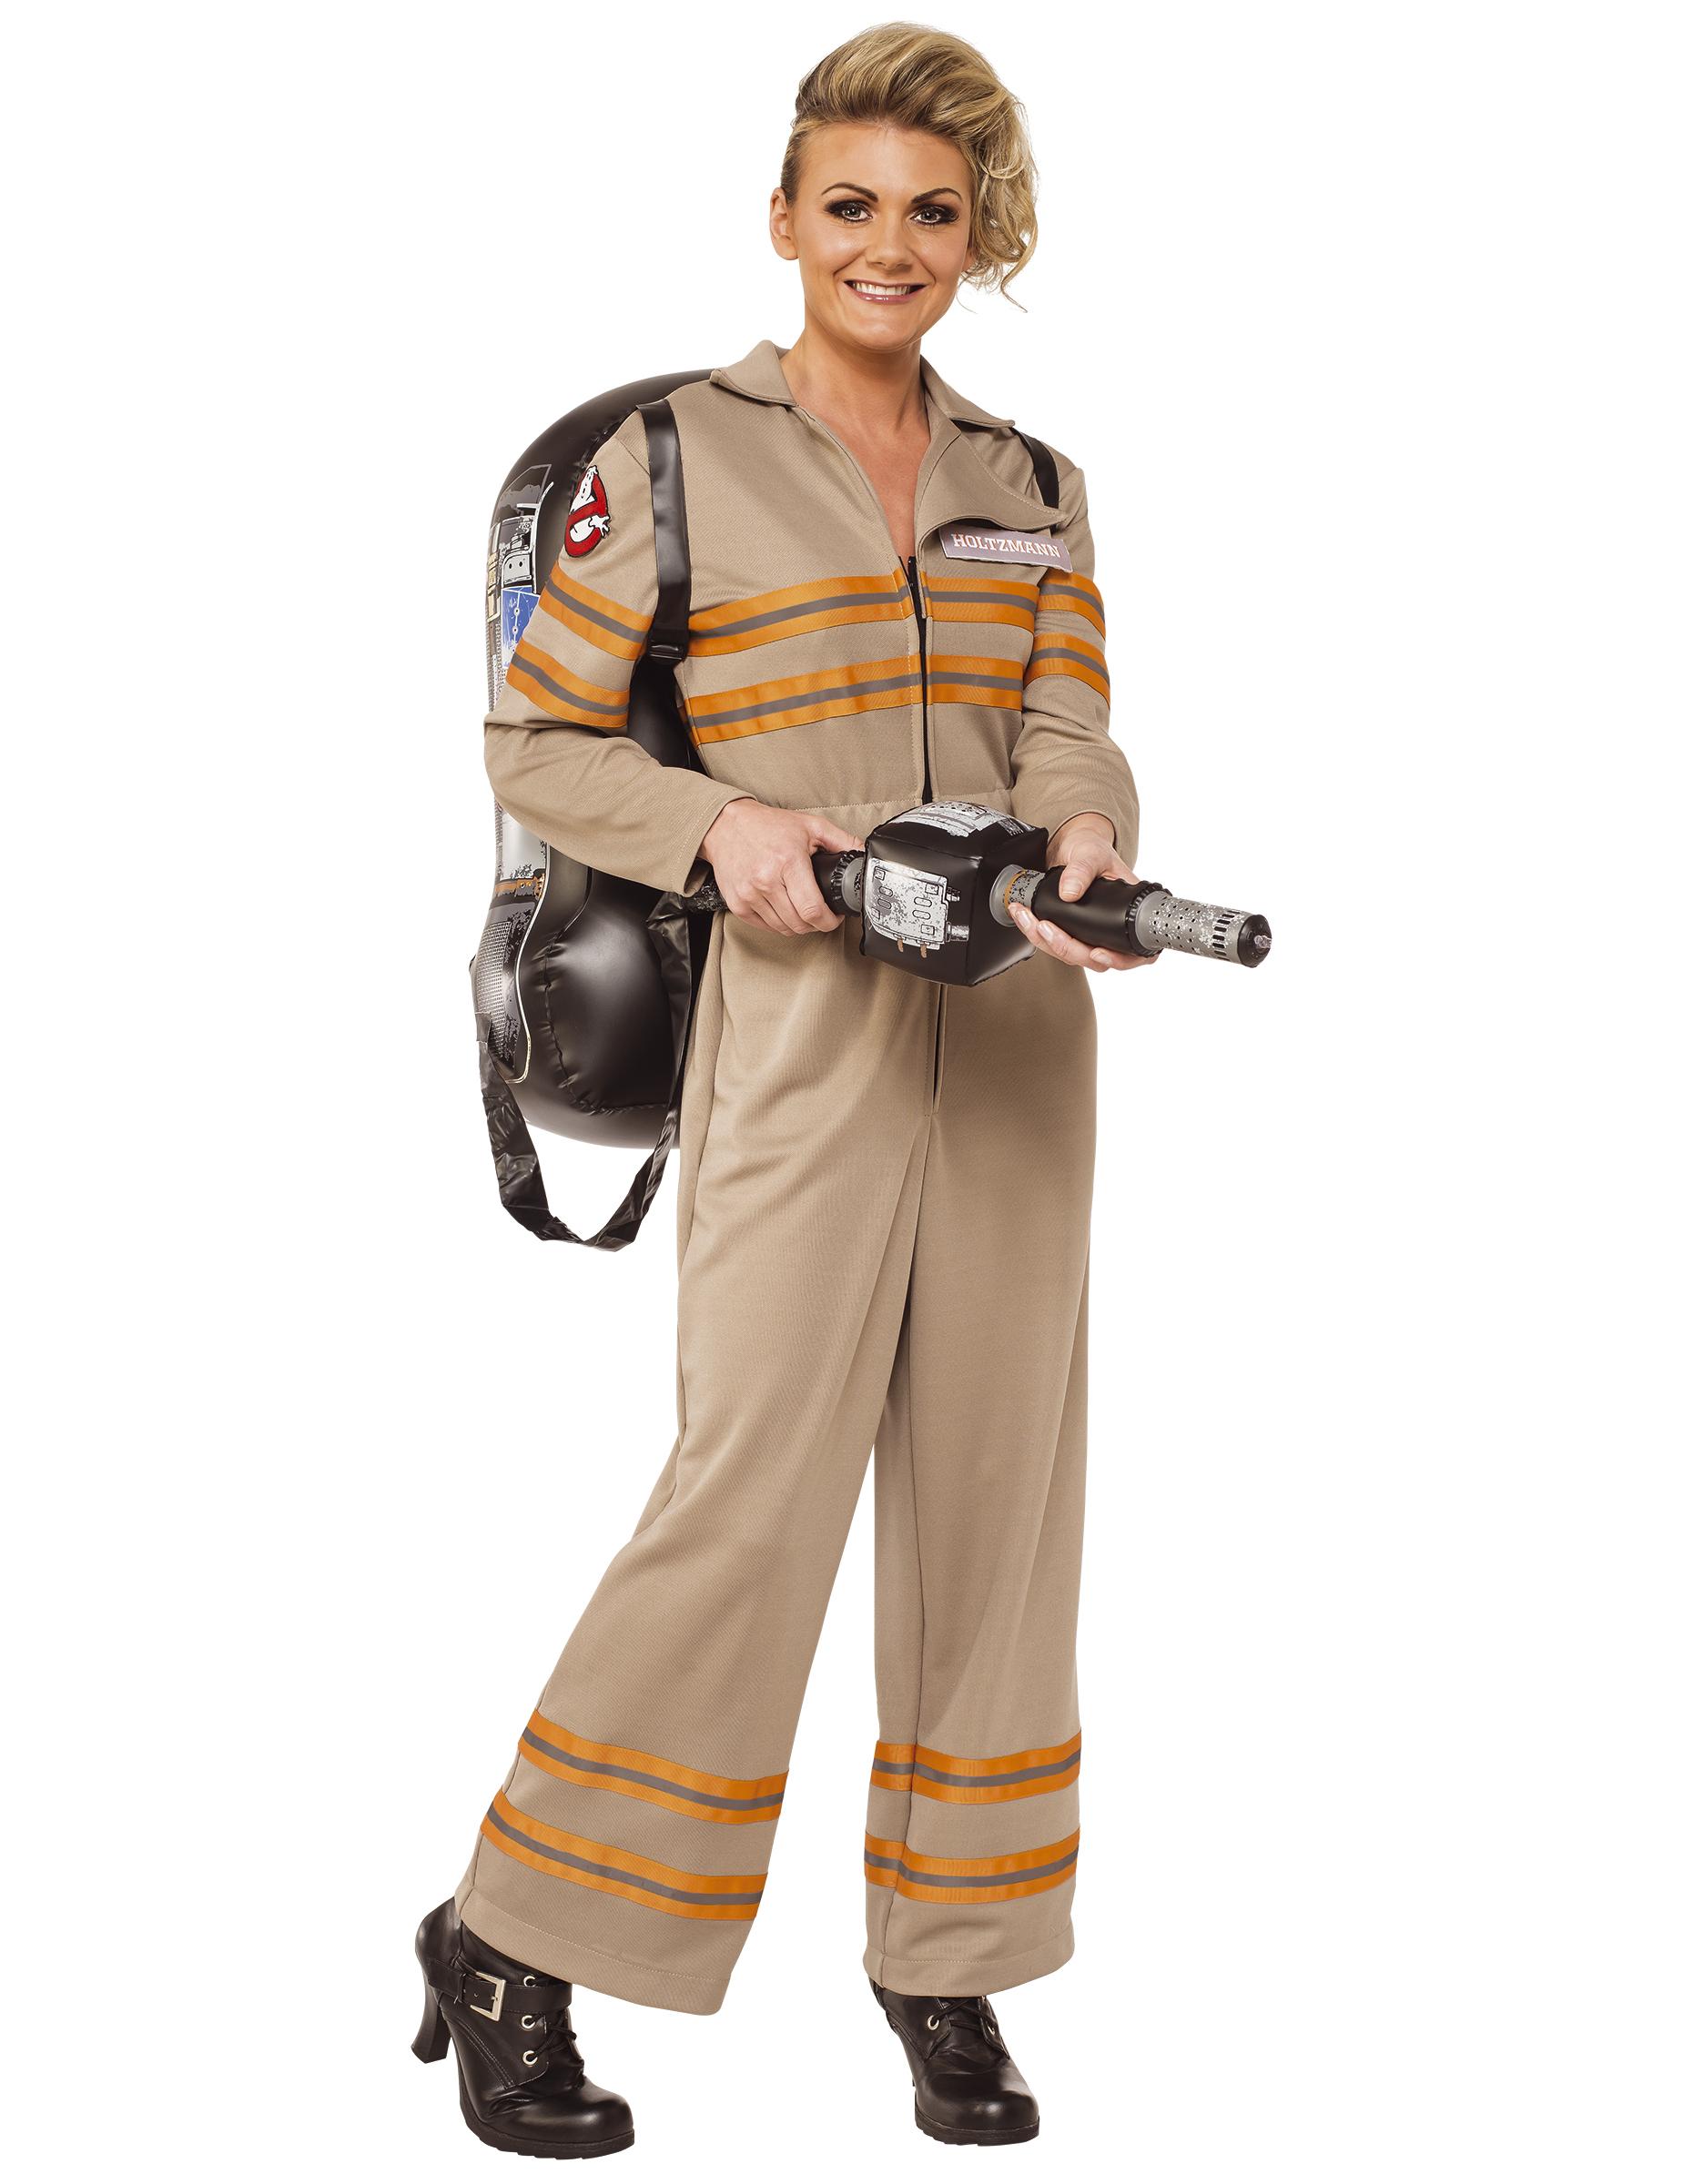 vendita calda online miglior sito web sulle immagini di piedi di up-to-date styling disponibile negozio del Regno Unito costume ...